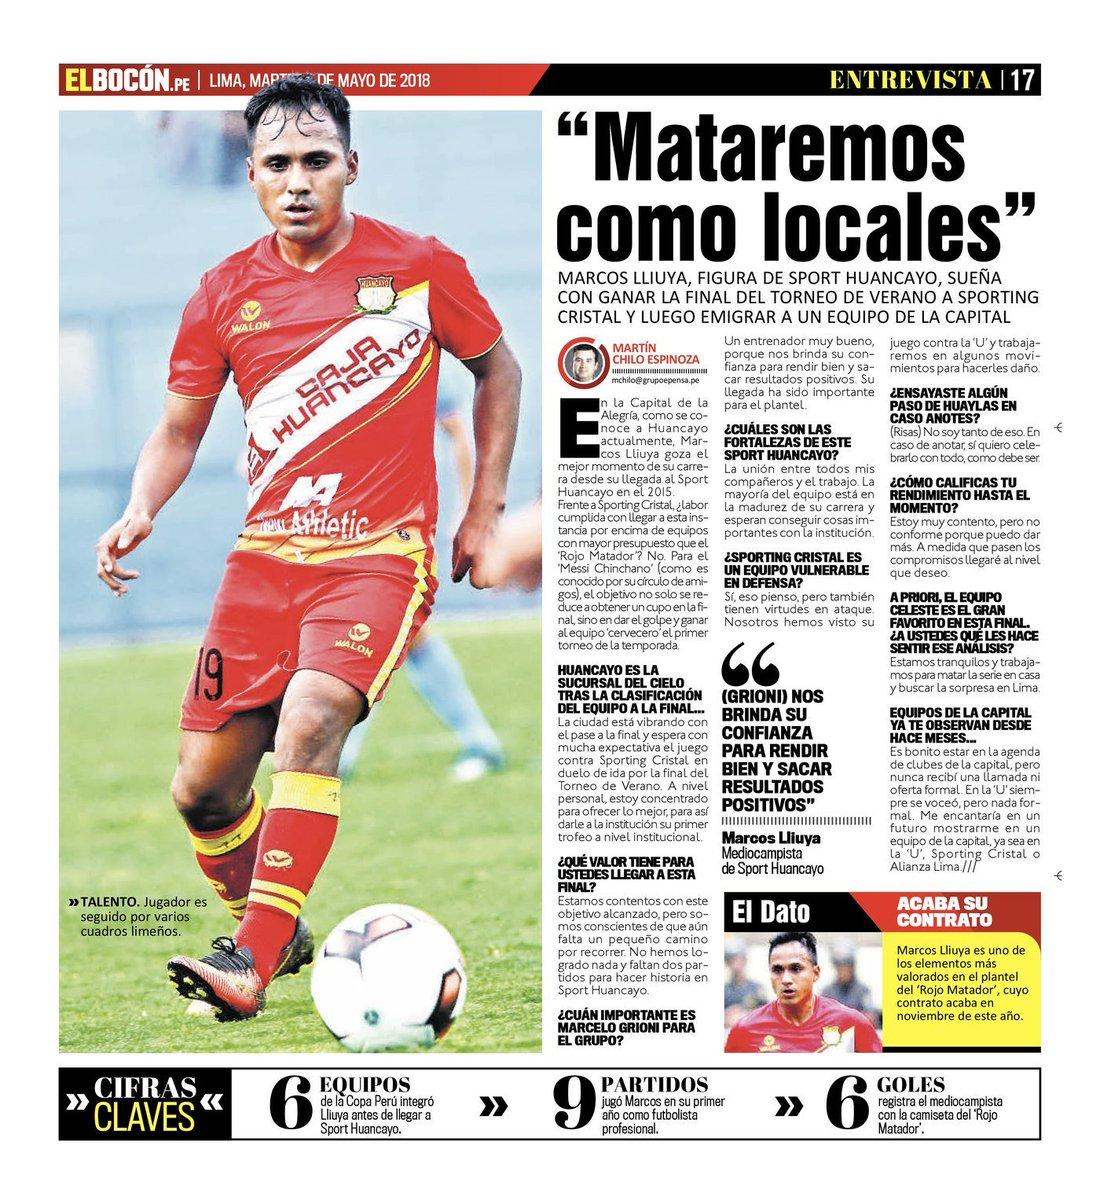 Entrevista al mediocampista del @Sport_Huancayo , @MarcosLliuya , en la edición impresa del diario Bocón y en la versión digital de @elbocononline previo a la final del Torneo de Verano 2018 frente a @ClubSCristalpic.twitter.com/qNZZP0eJTq